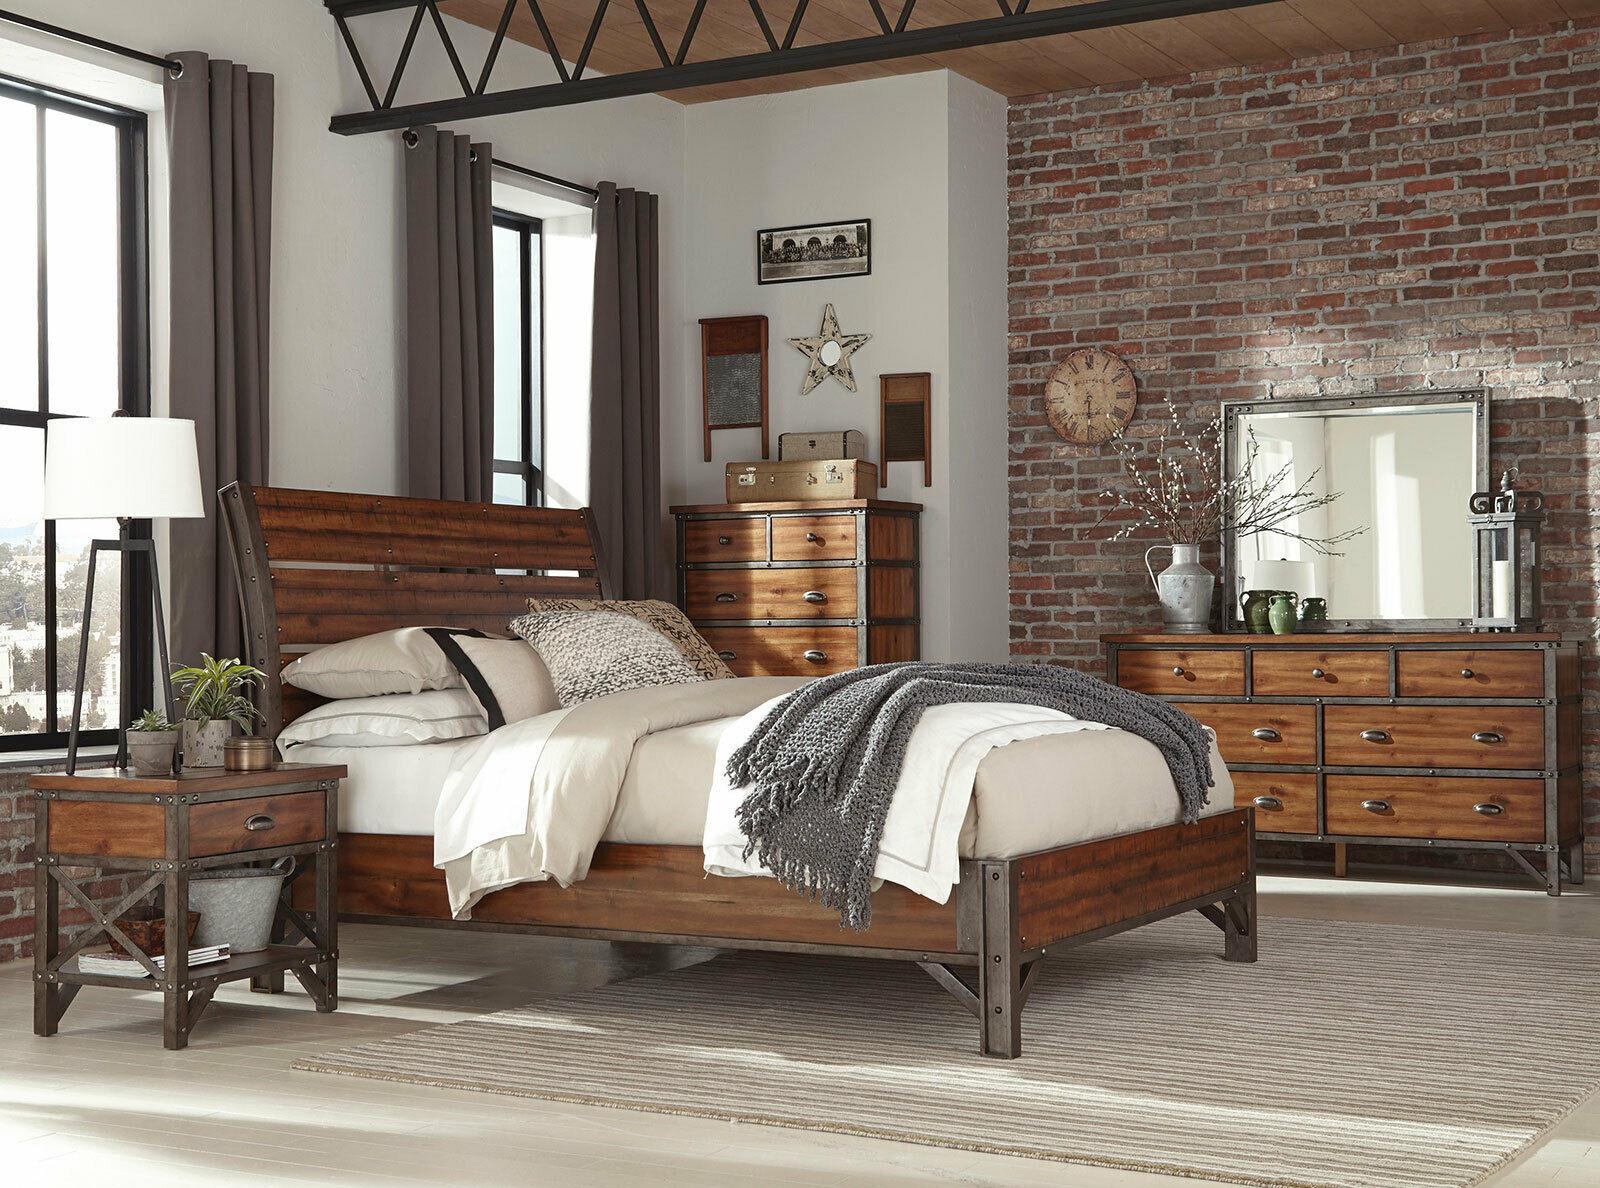 Arthur industrial style brown bedroom furniture with 5 - Industrial style bedroom furniture ...